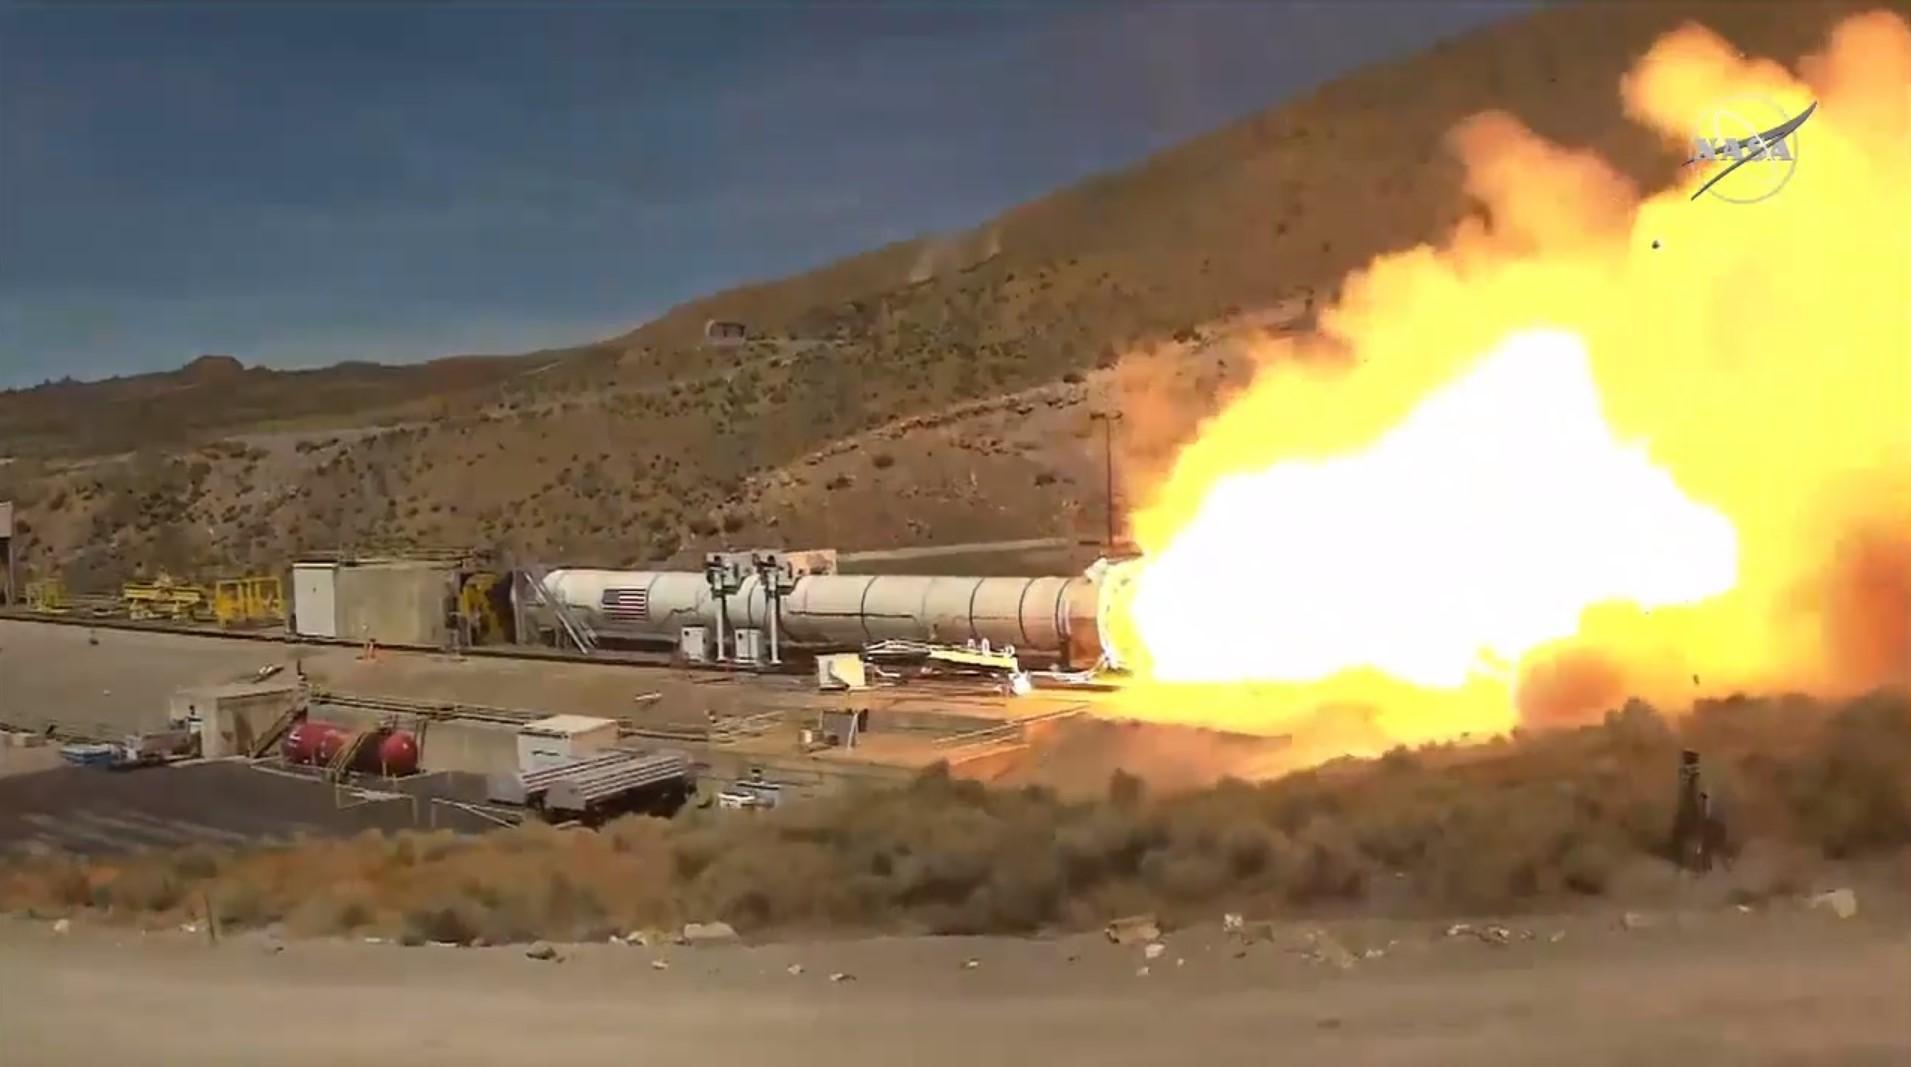 NASA Test Northrop Grumman Booster Chosen to Power SLS Rocket